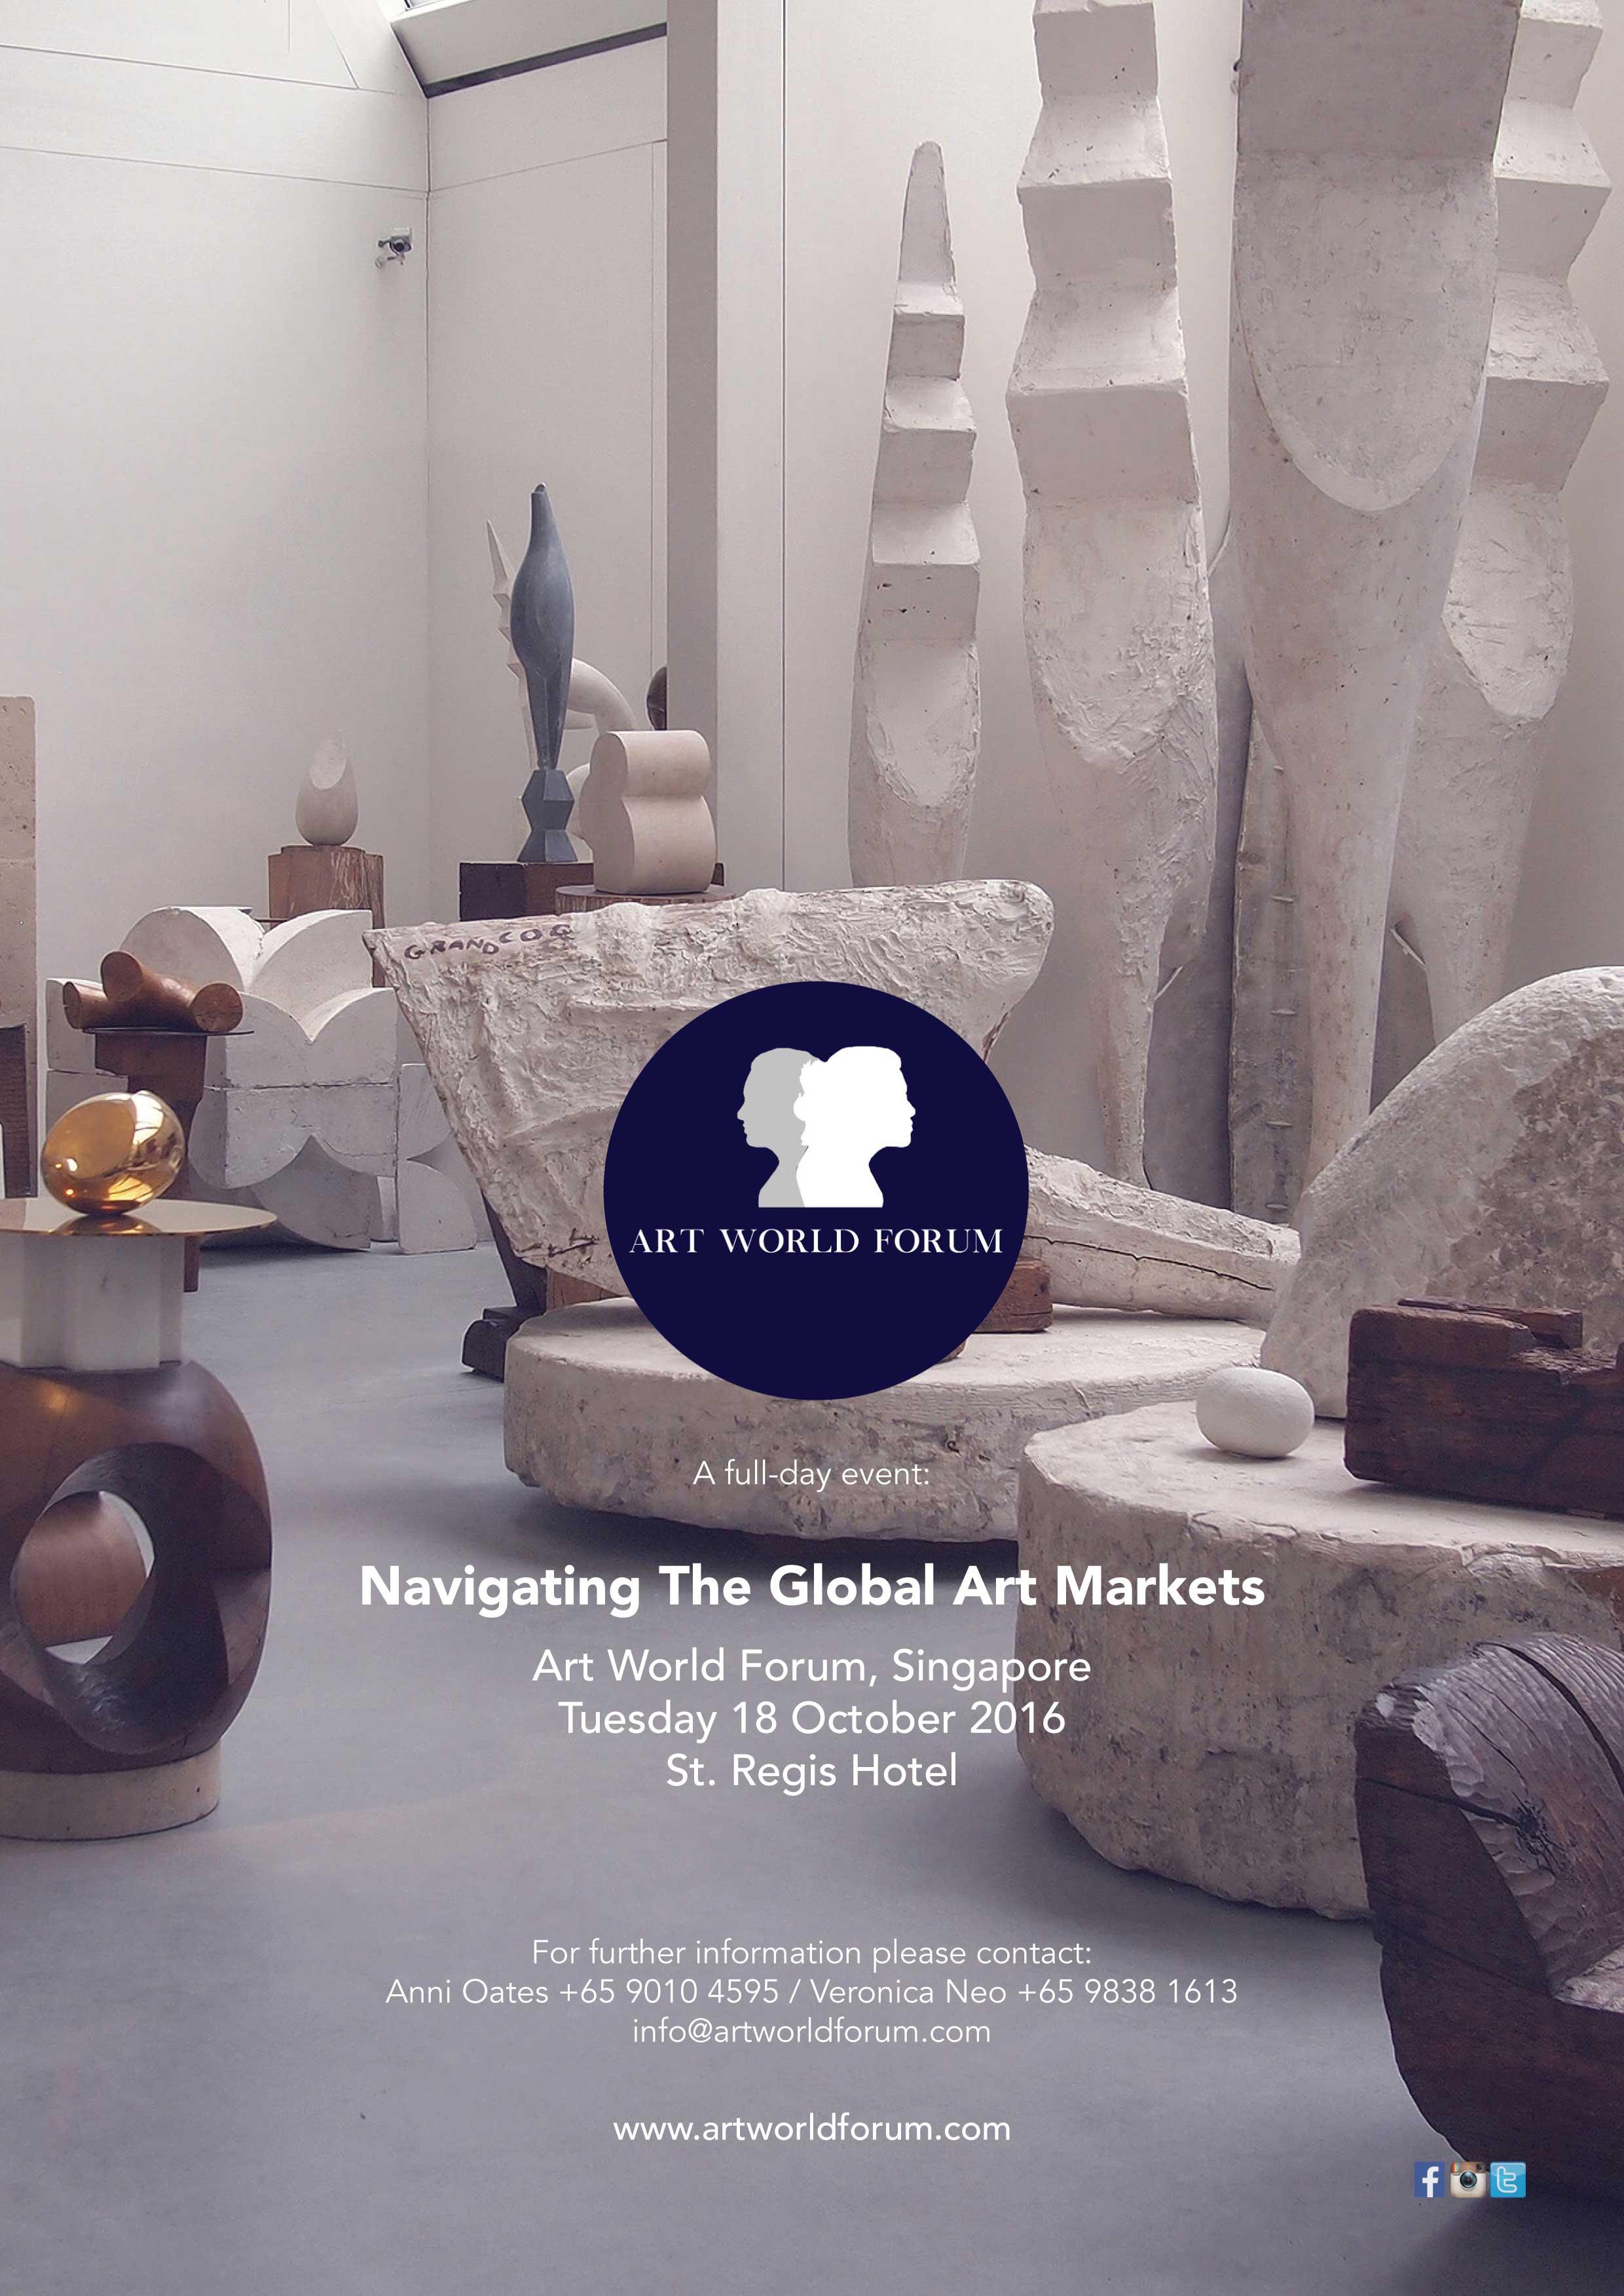 Art World Forum - Navigating the Global Art Markets